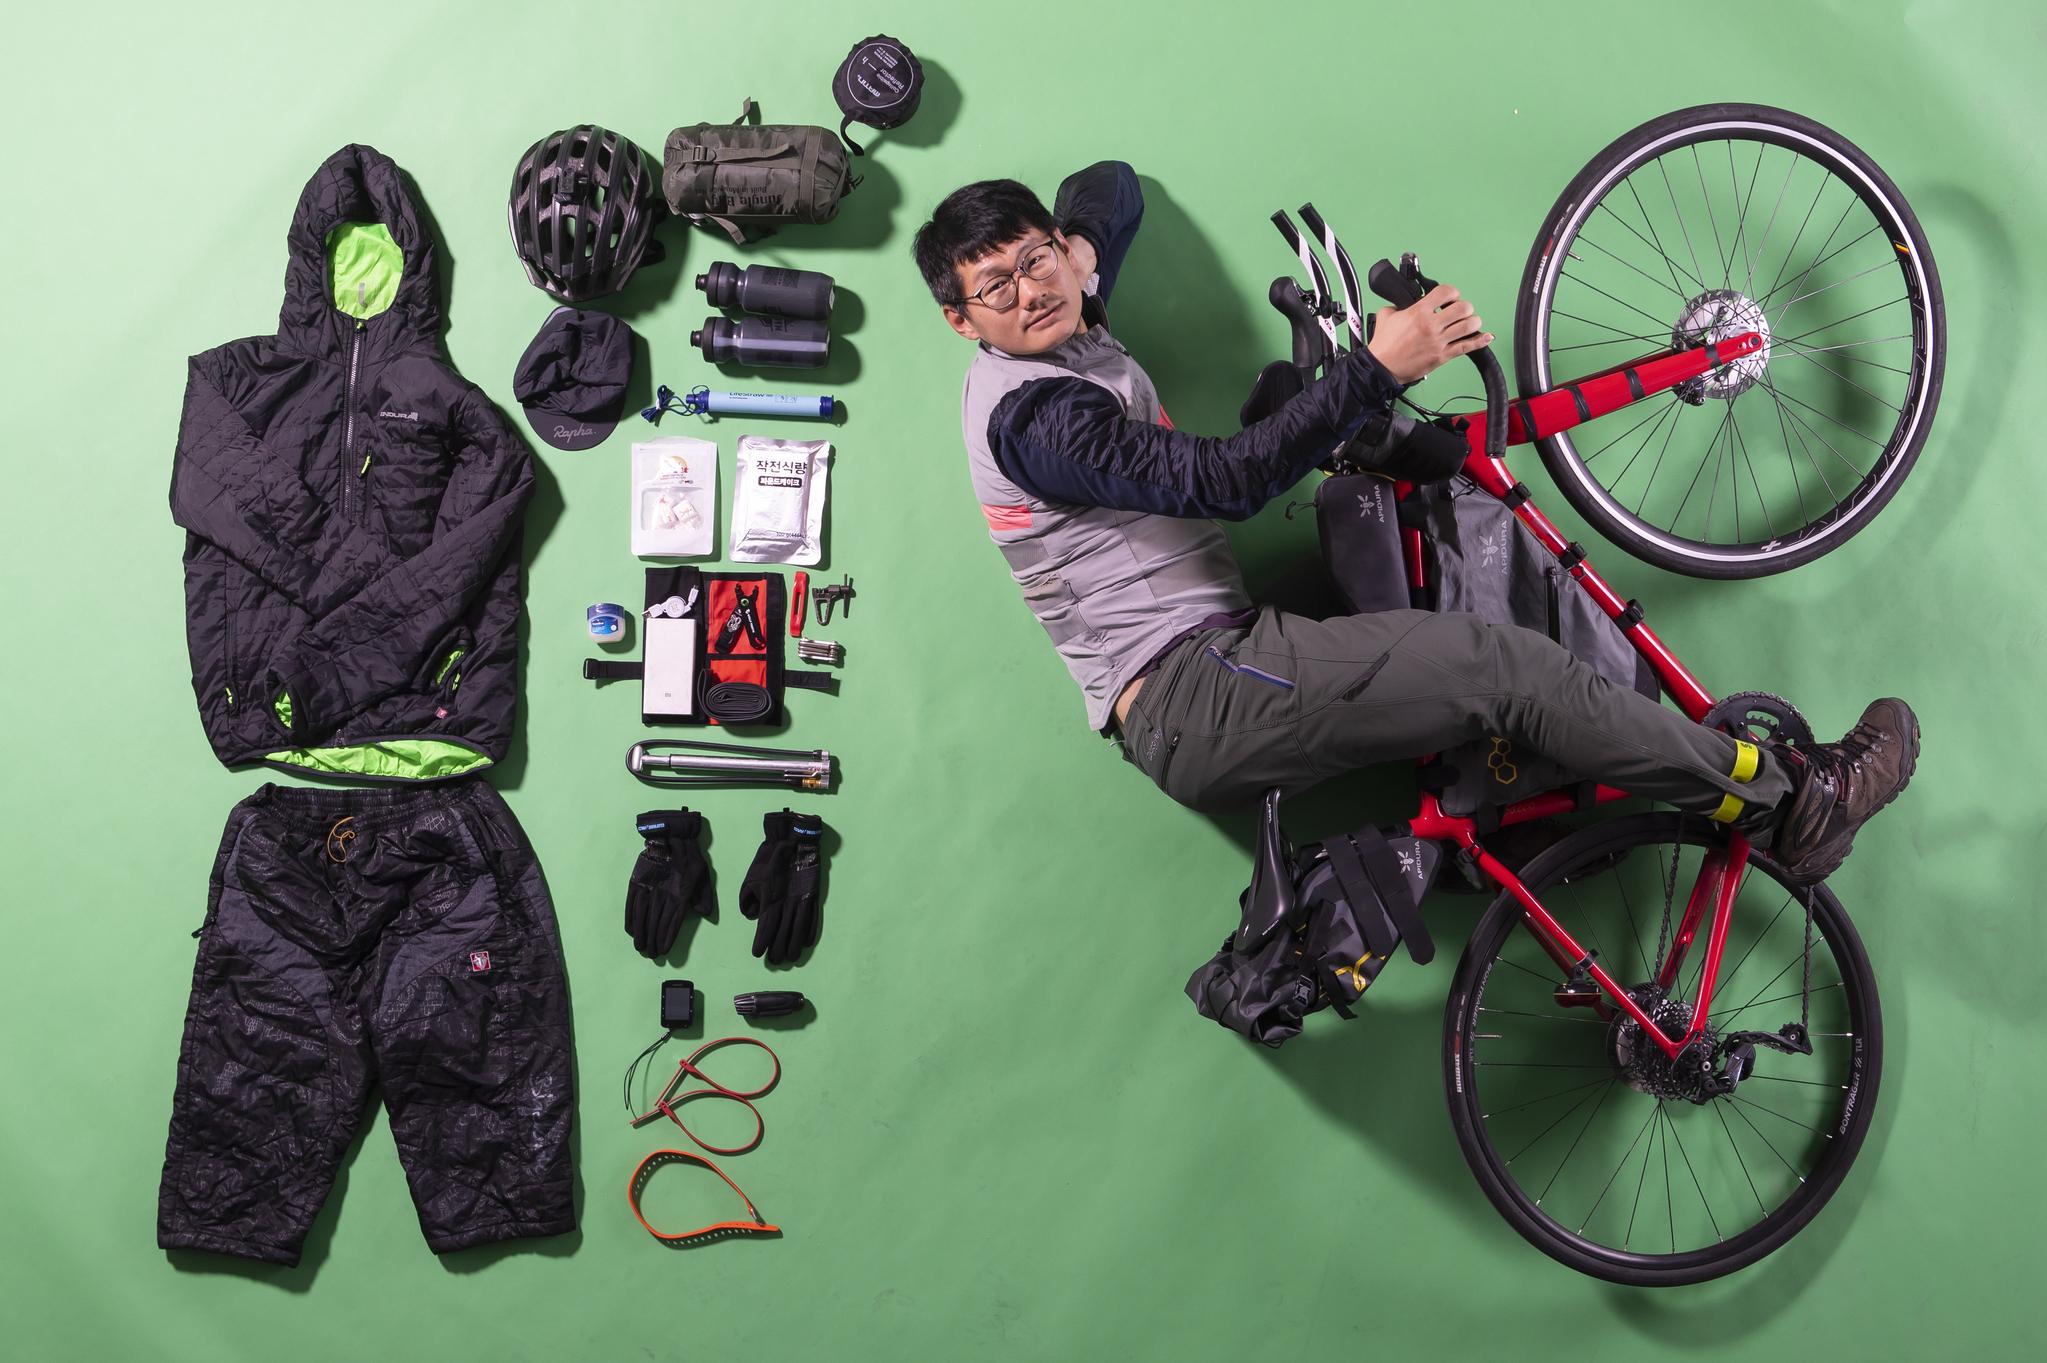 장거리를 자전거로 달리는 란도너 박종하 씨가 대회 참가용 자전거, 휴대 물품과 함께 누웠다. 권혁재 사진전문기자